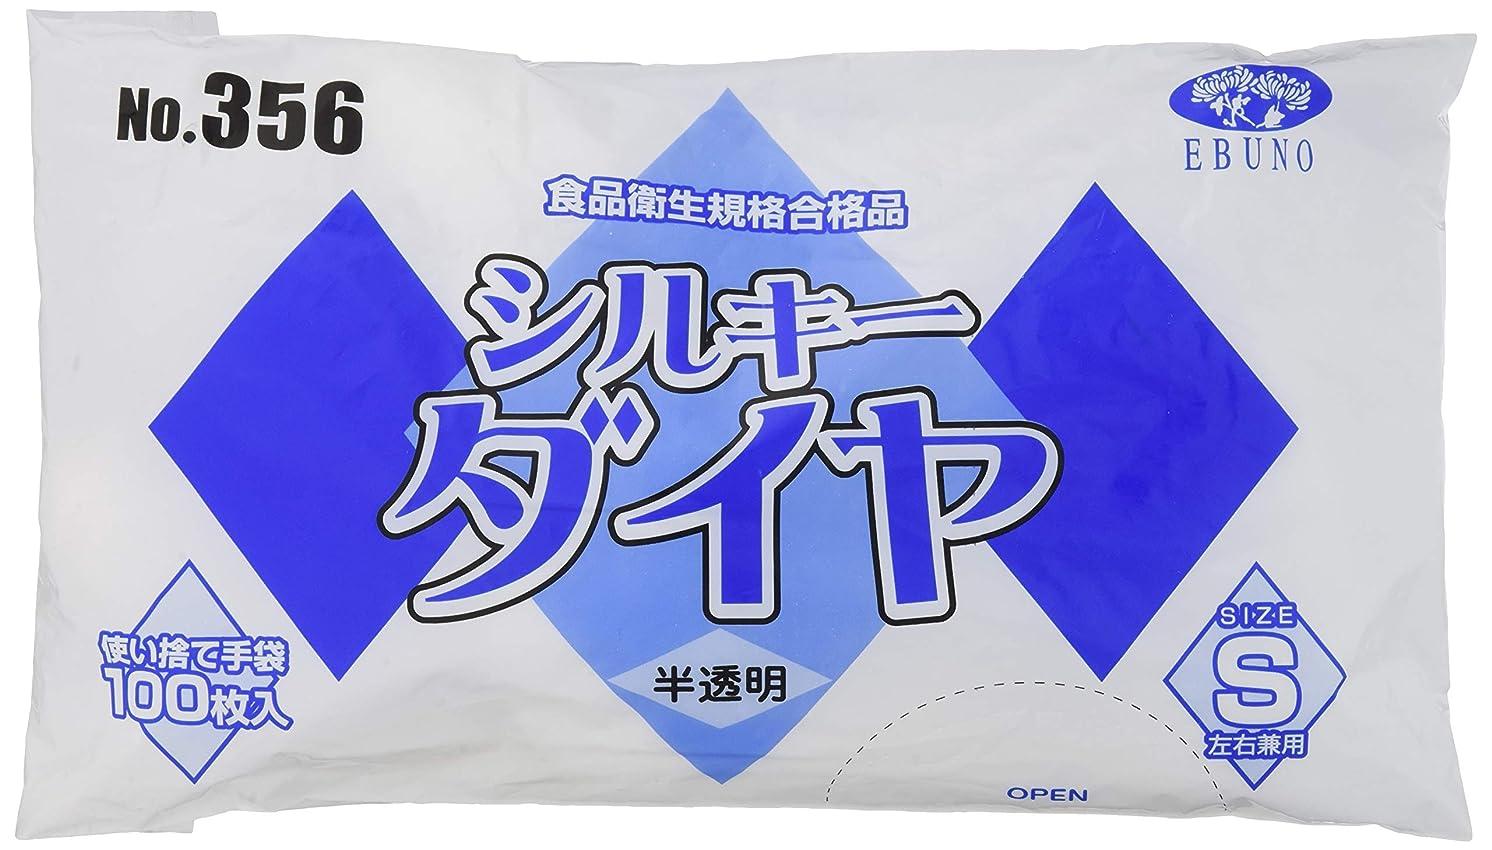 一般化するハンマー絡まるNo.356 食品加工用使い捨て手袋 シルキーダイヤ 半透明 Sサイズ 袋入 100枚入